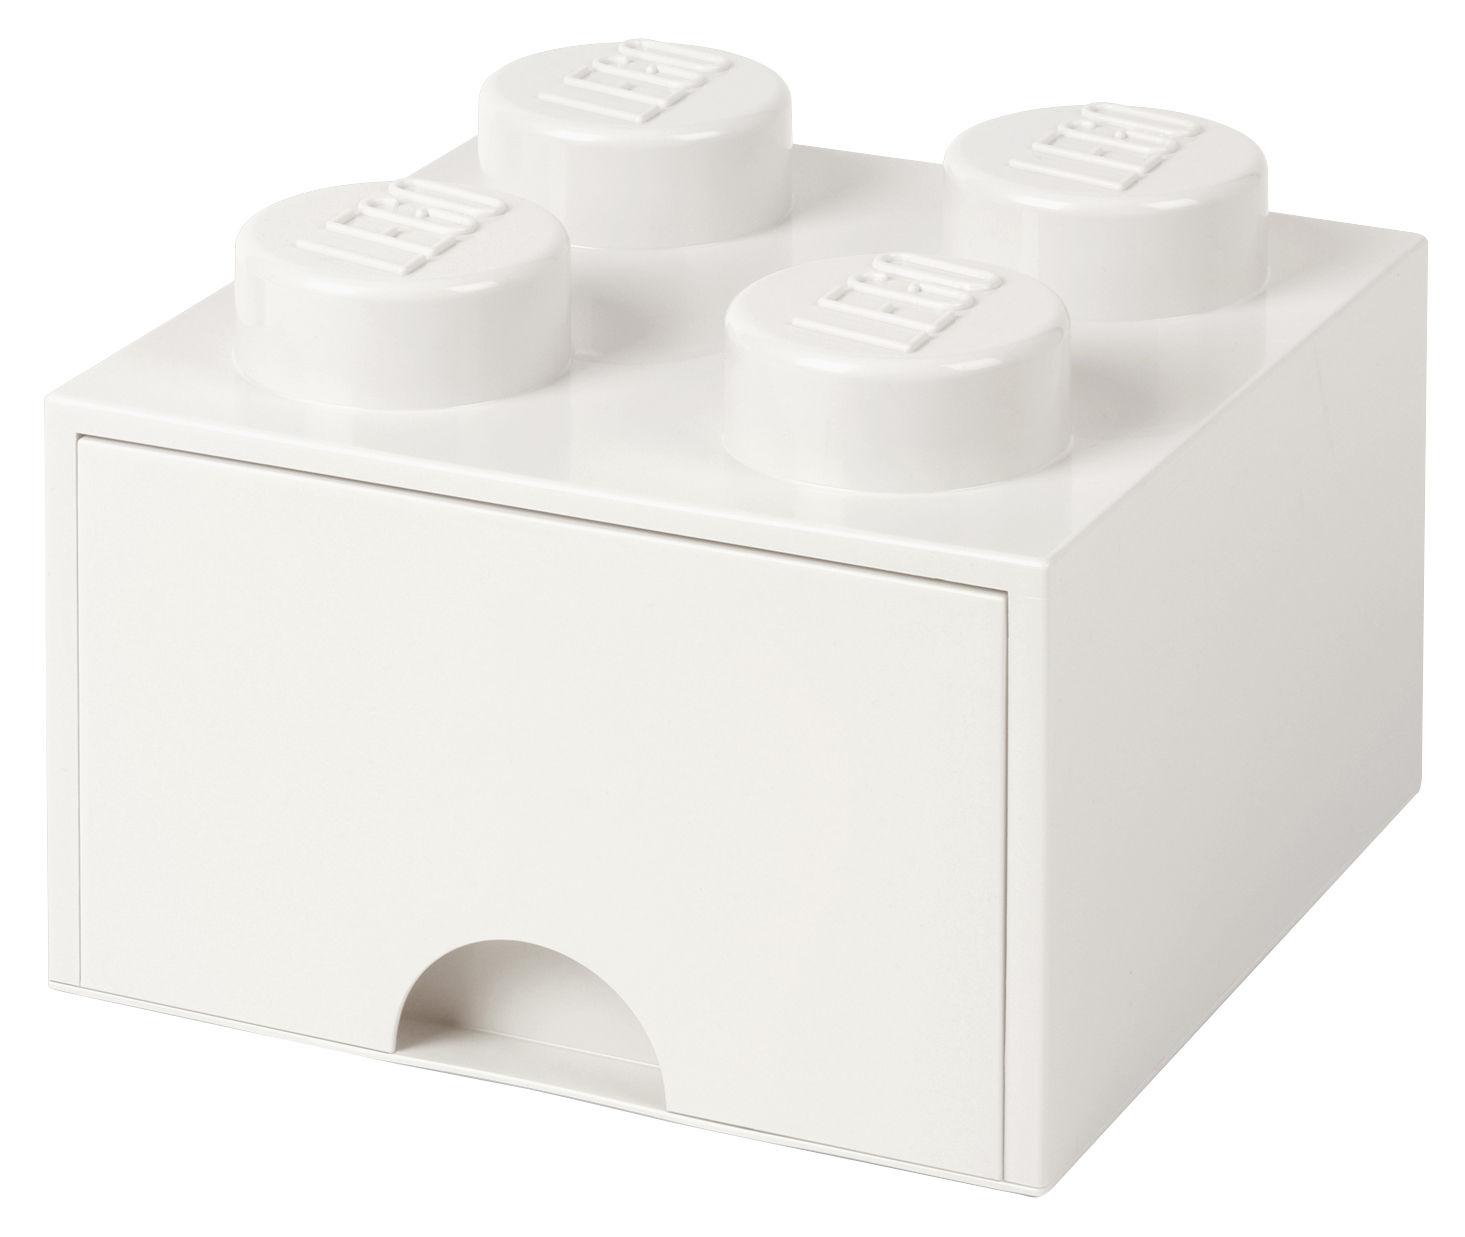 Déco - Pour les enfants - Boîte Lego® Brick / 4 plots - Empilable - 1 tiroir - ROOM COPENHAGEN - Blanc - Polypropylène